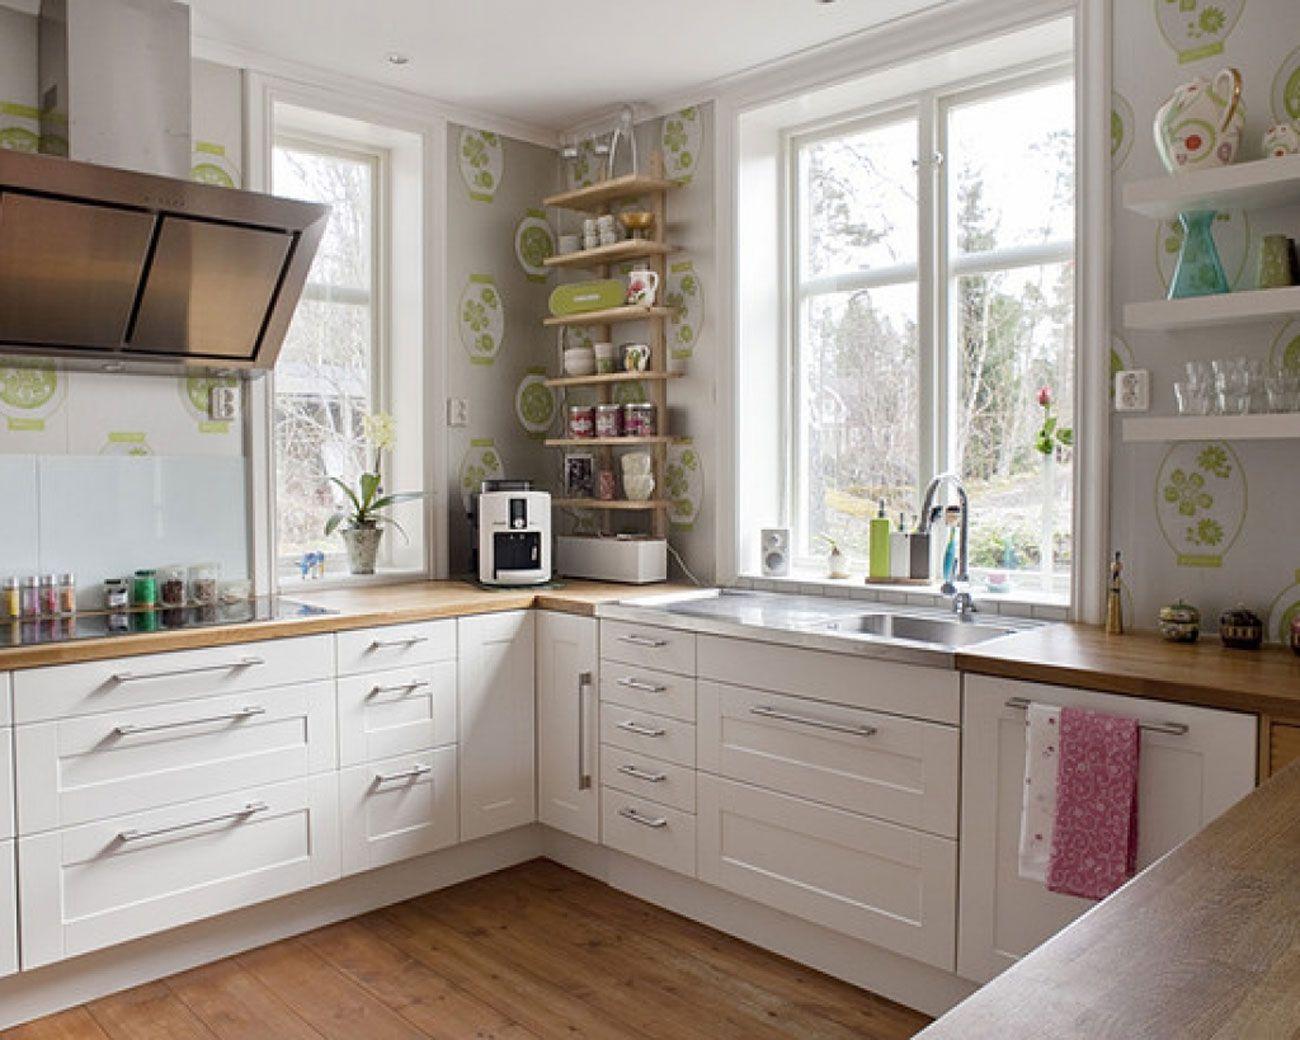 ideias decoracao cozinha pequena